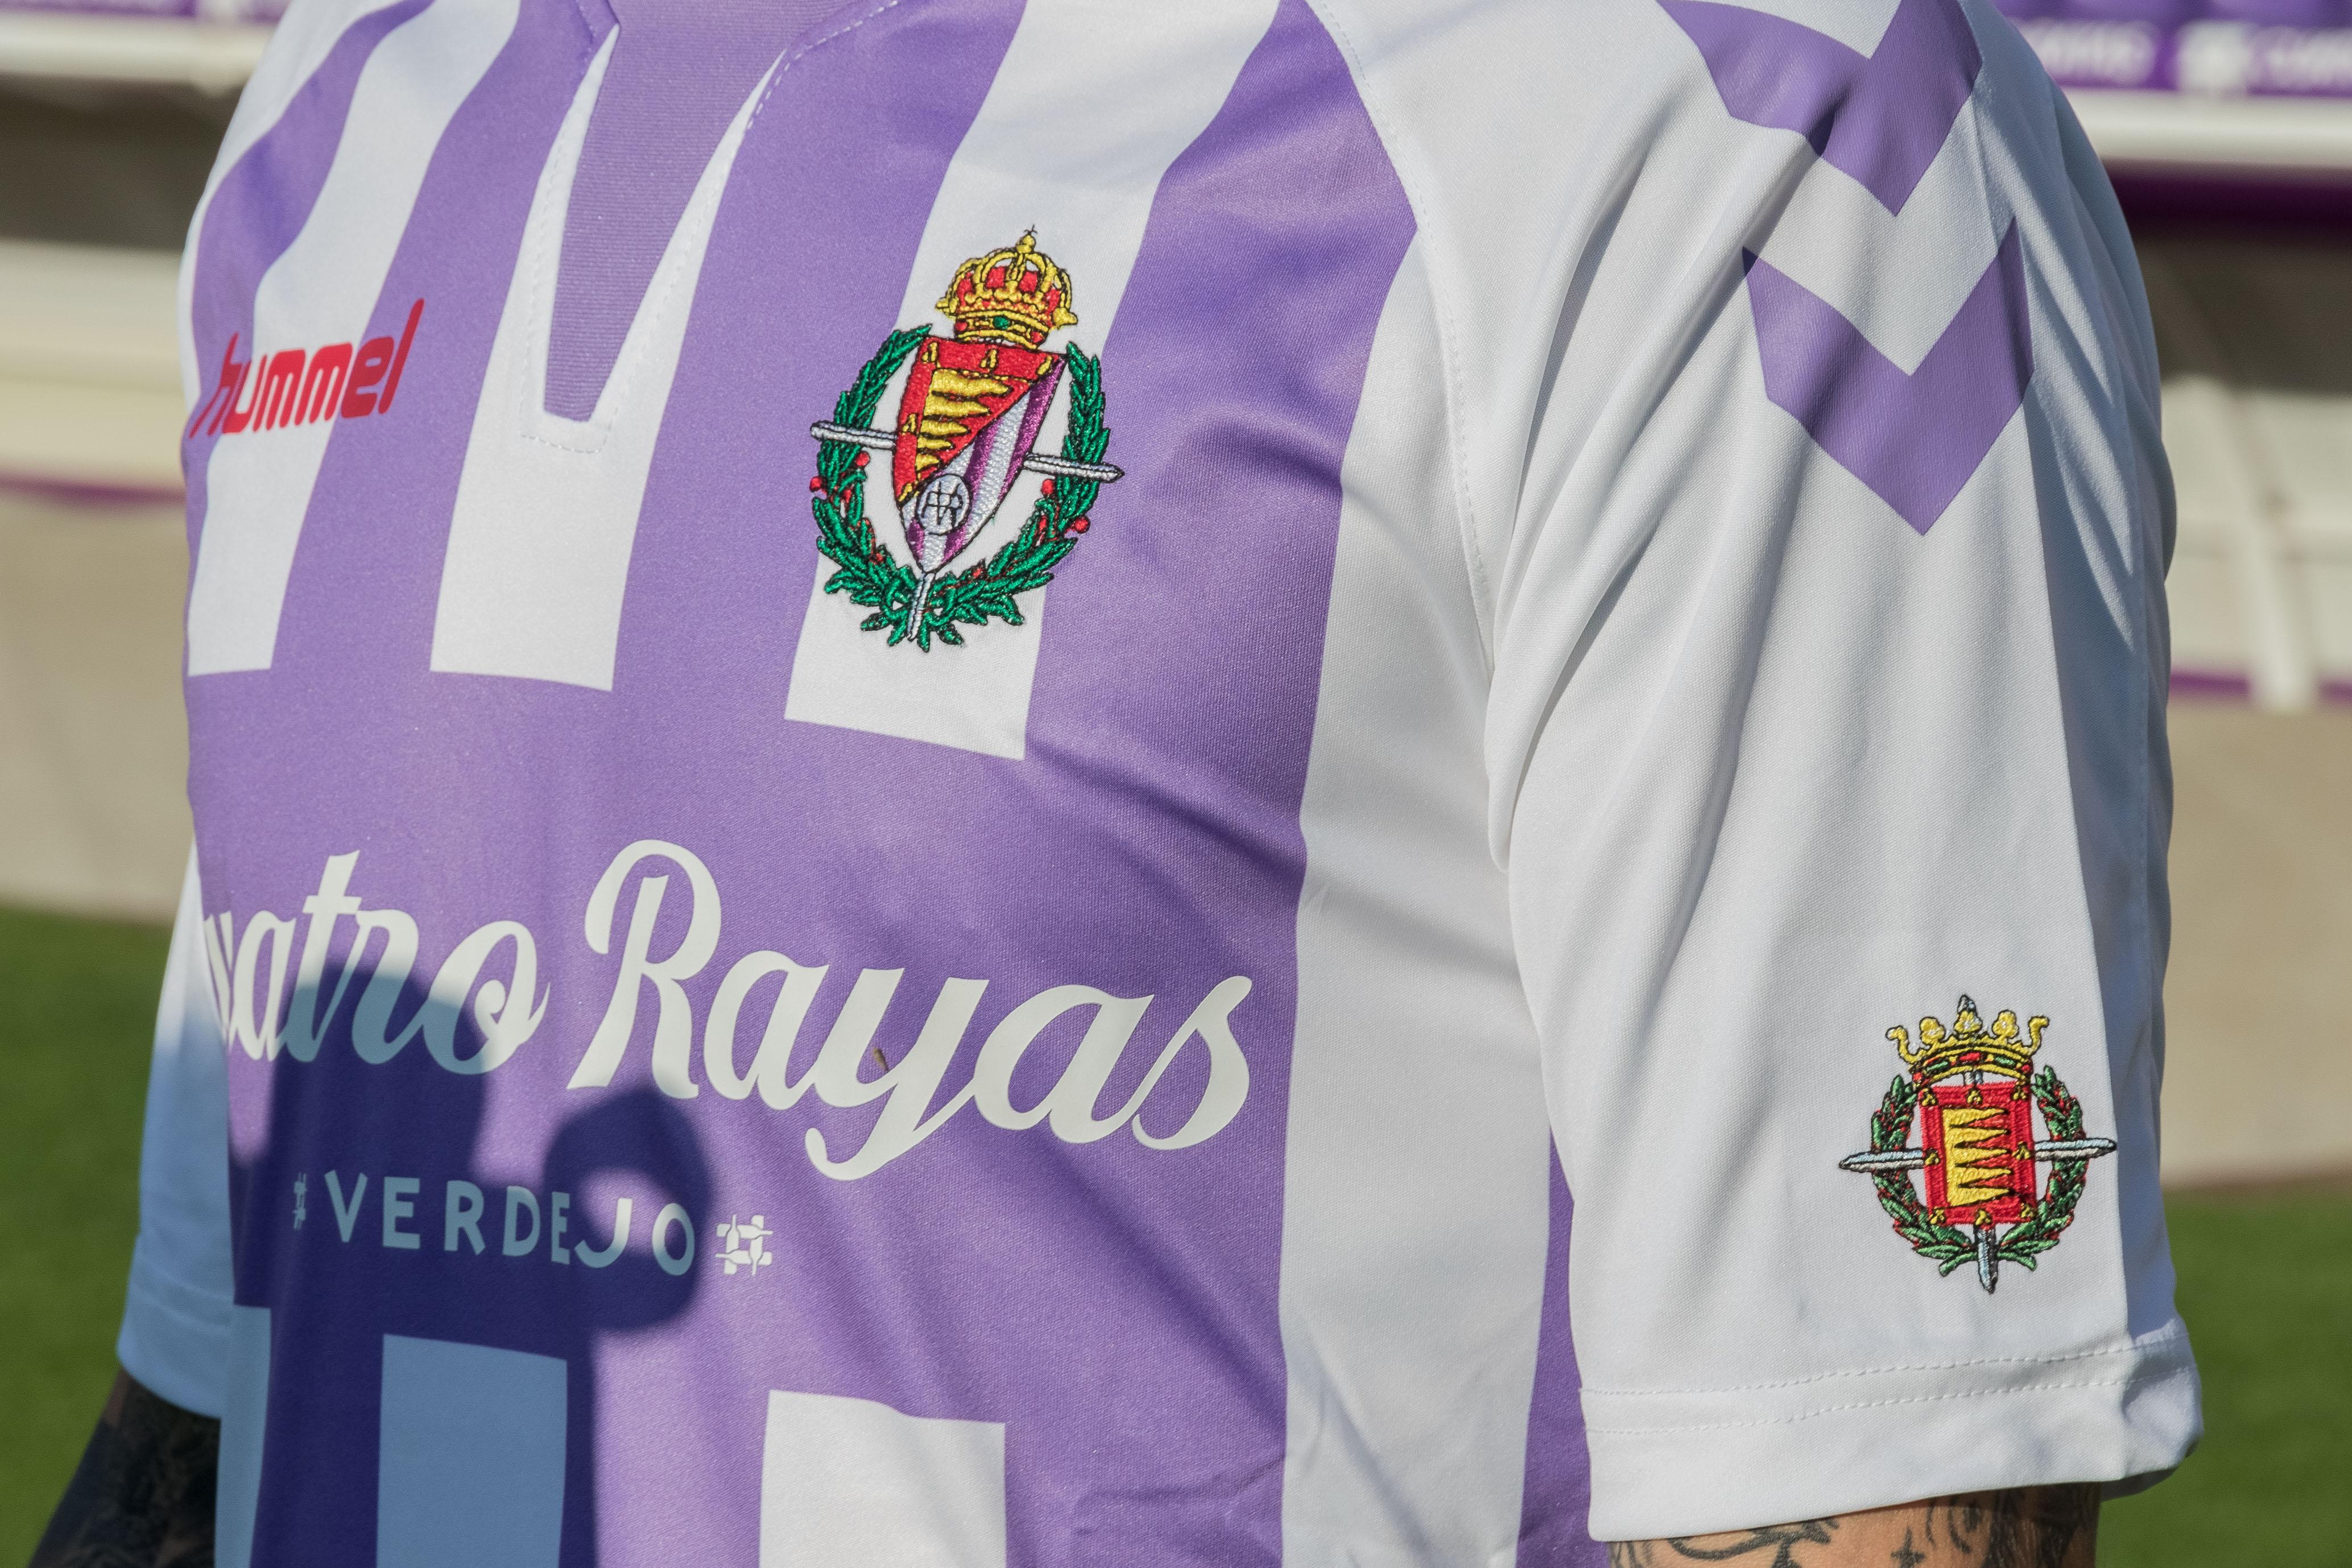 Noticias Real Valladolid  43bb1e6a62edf